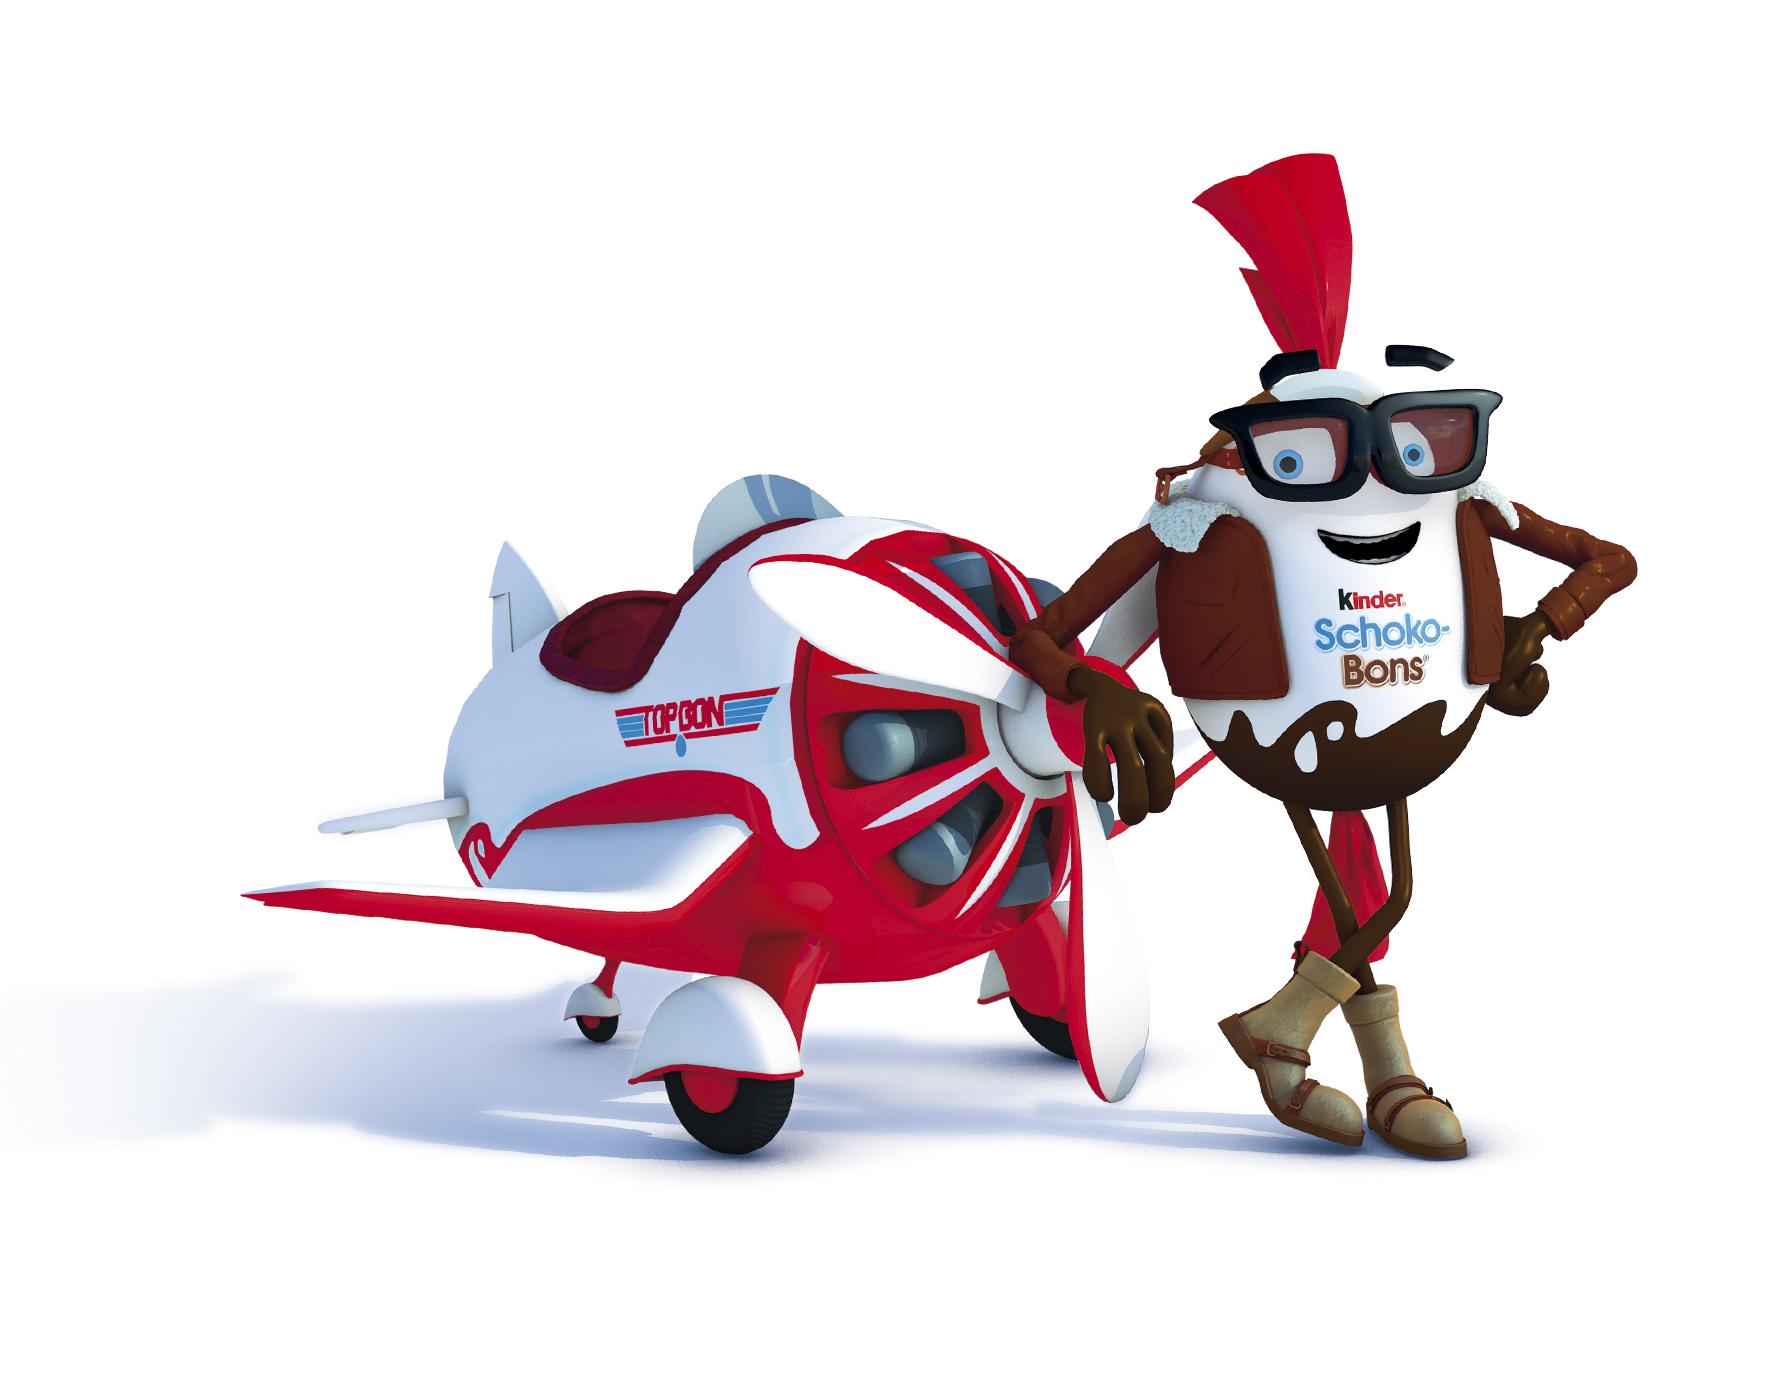 Mr. Schokobon Pilot